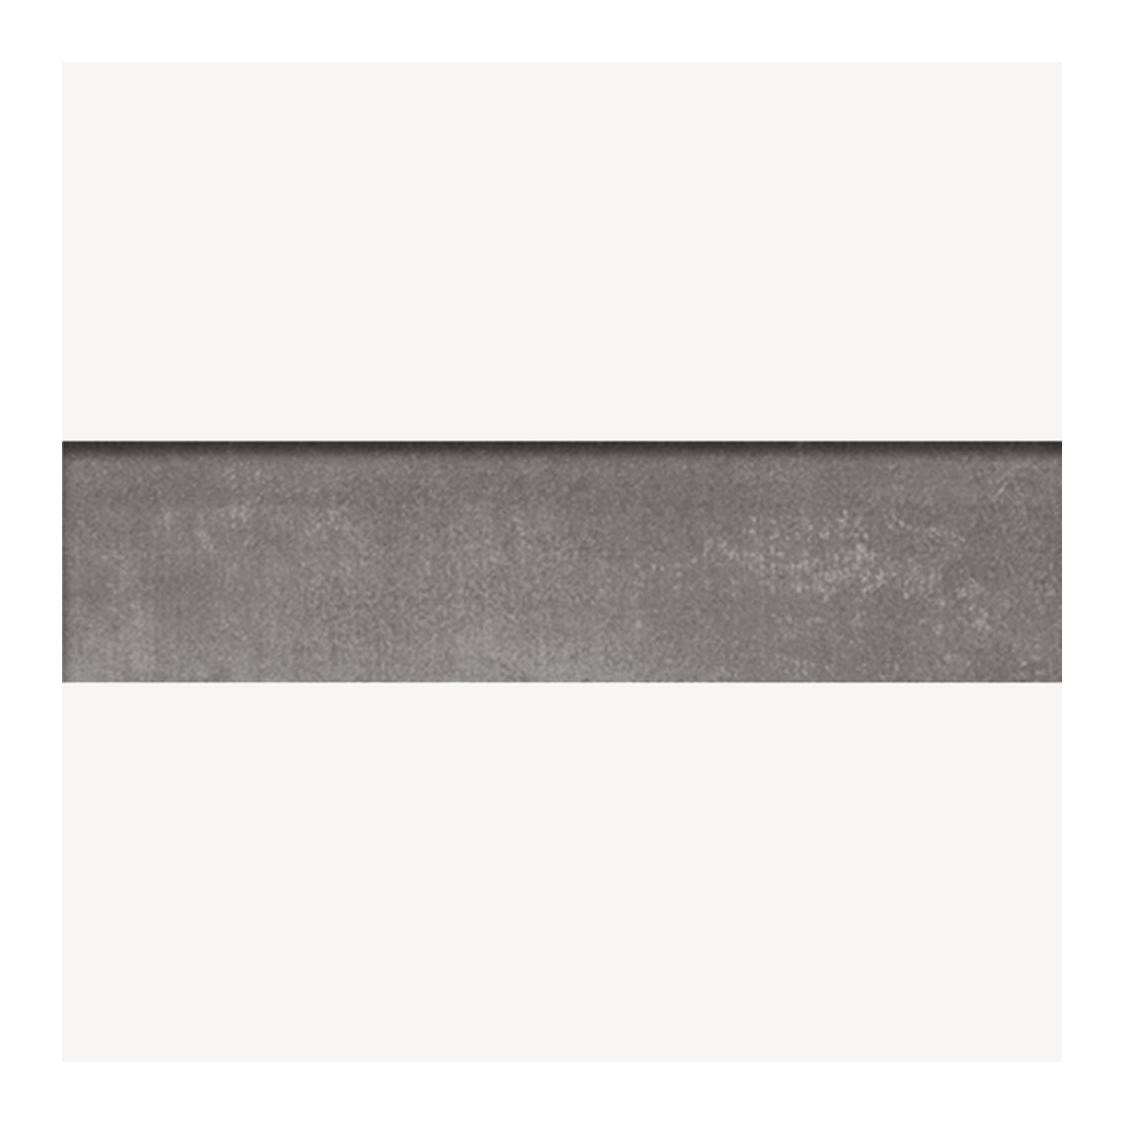 60 4x90 6 cenere carrelage roger. Black Bedroom Furniture Sets. Home Design Ideas